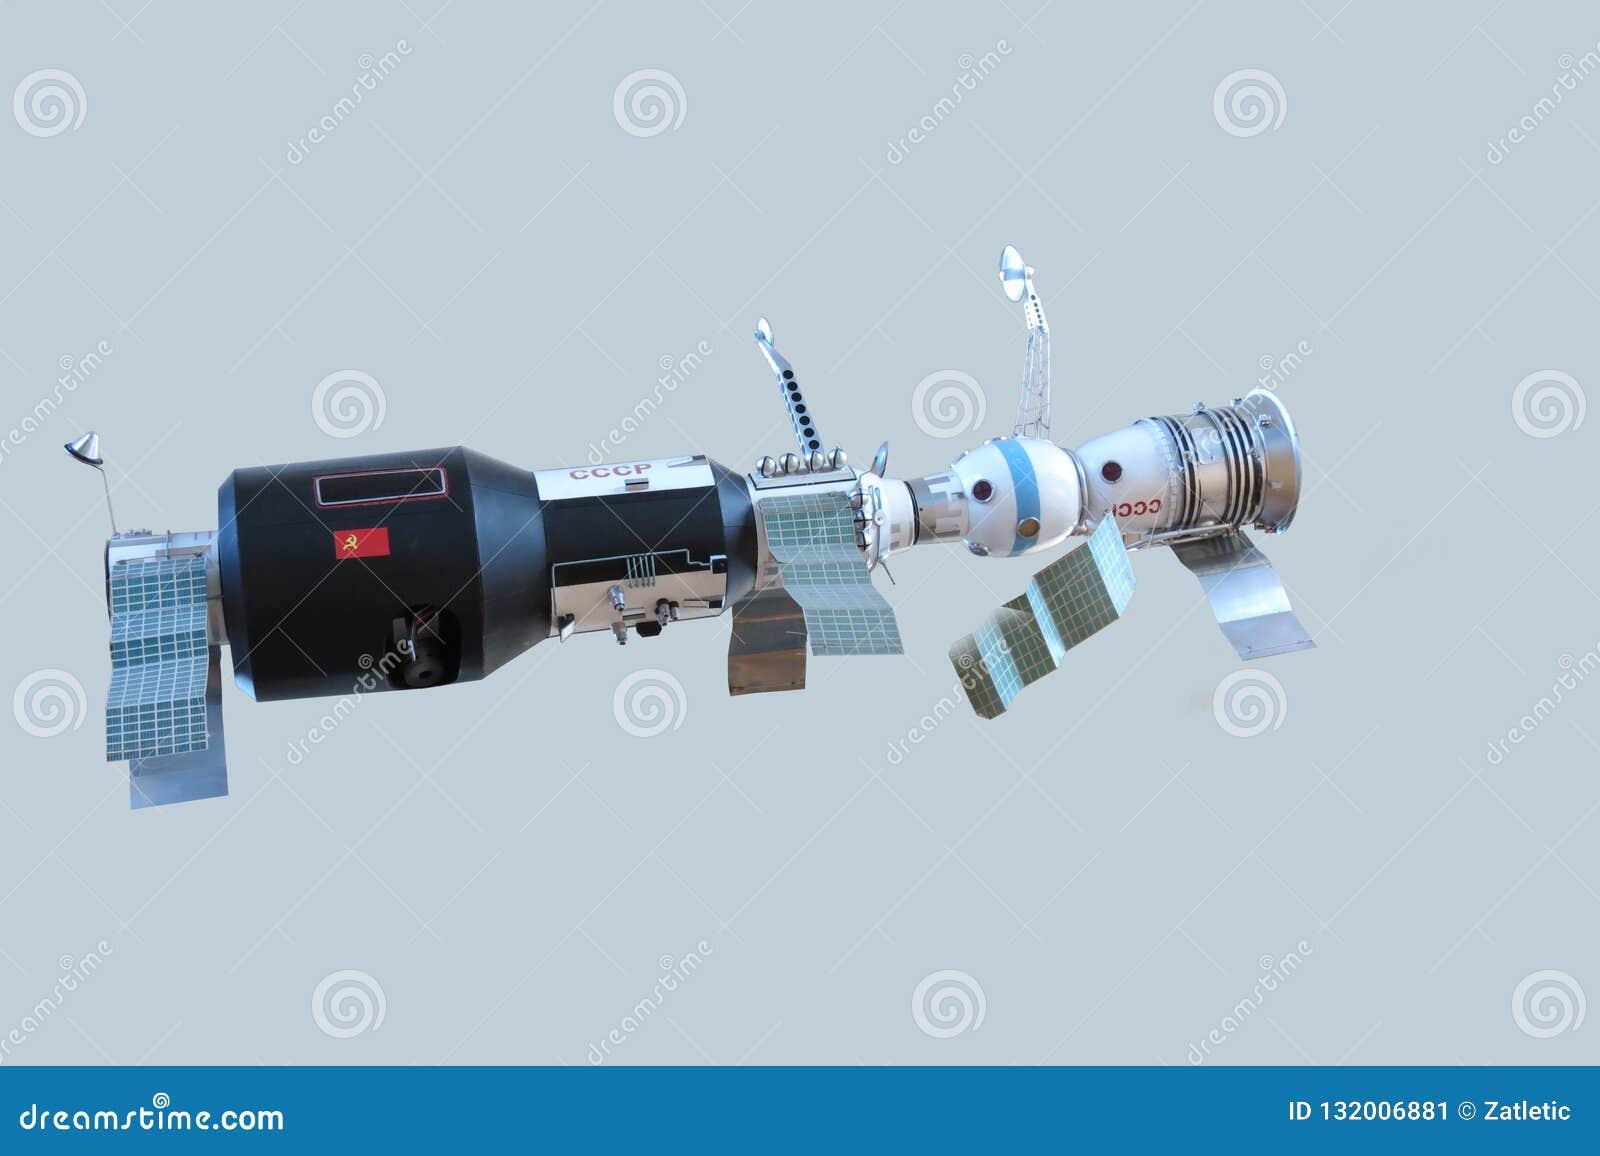 Model van de Sovjet orbitale post, Ruimteschip Soyuz